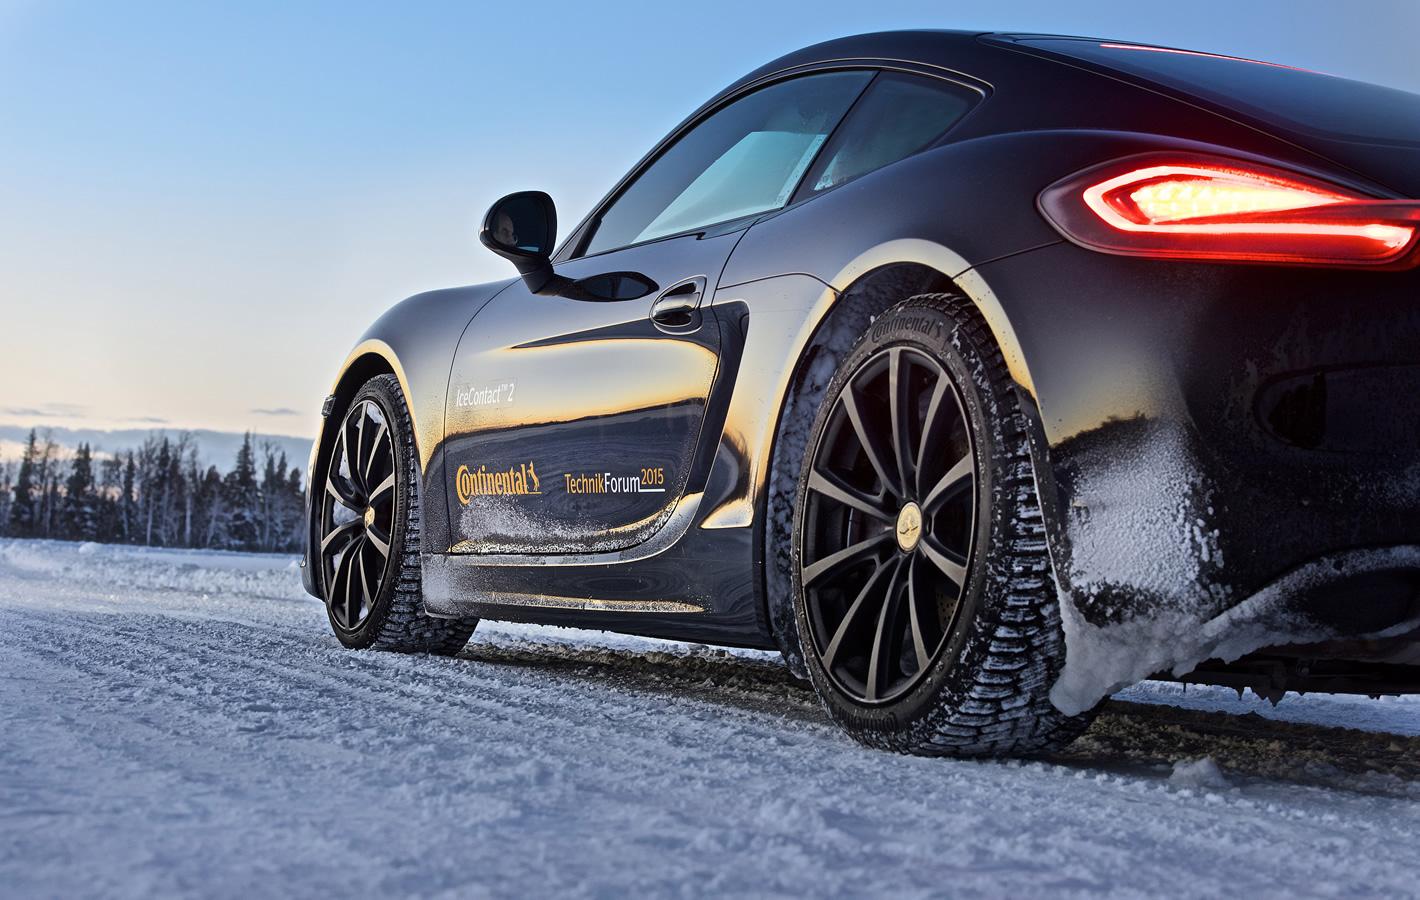 Opony Continental IceContact 2 założone nasamochód Porsche